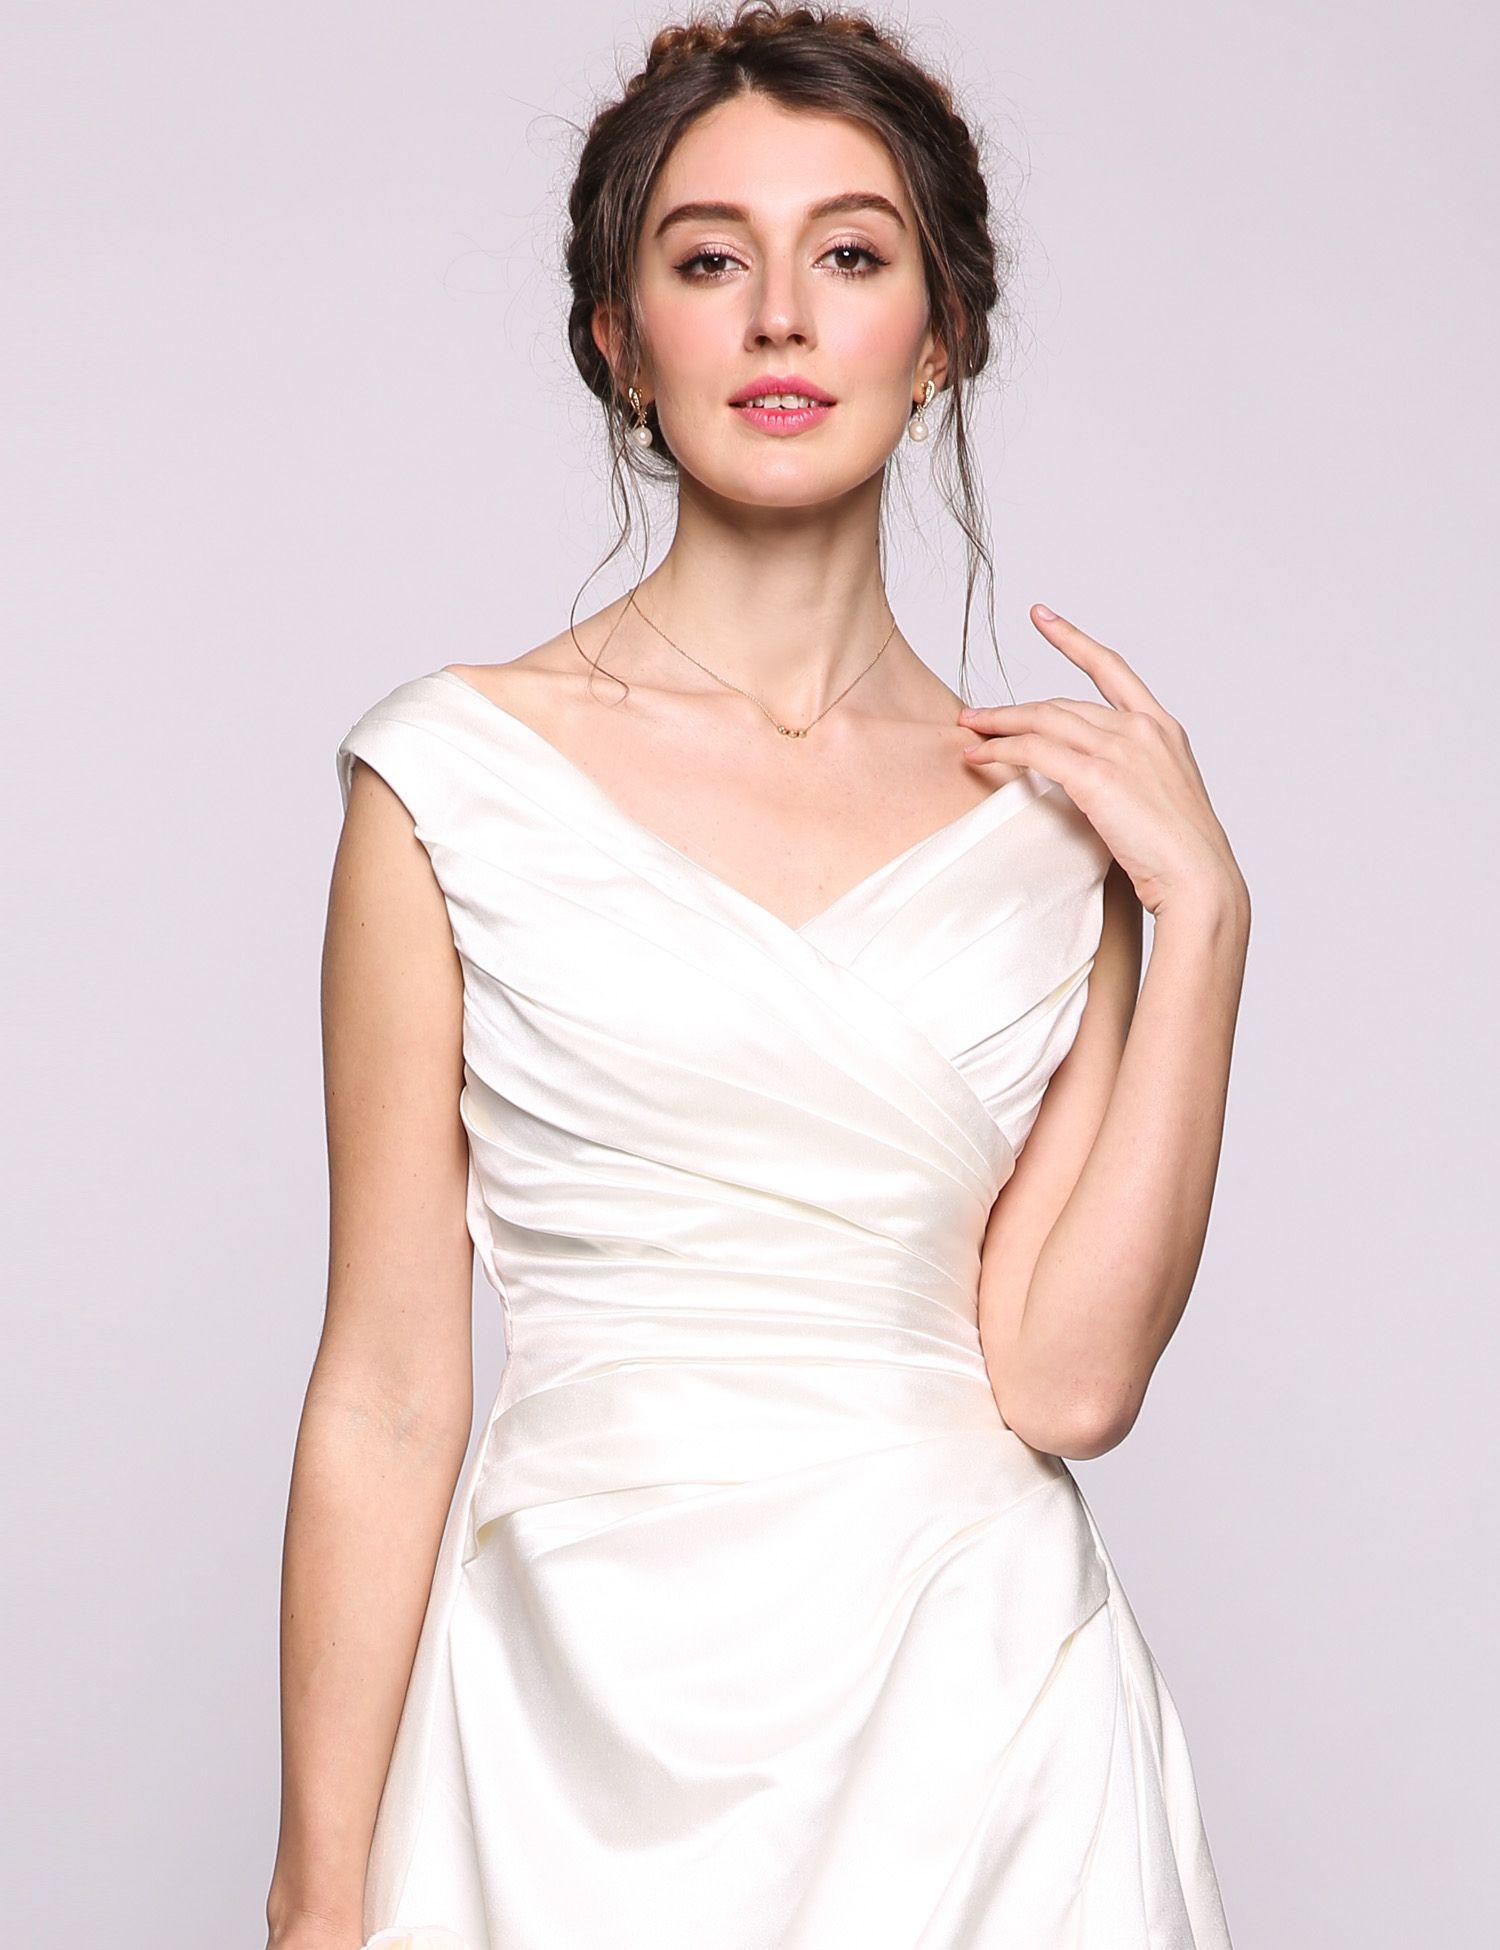 Vestidos de boda casuales de la playa del tamaño extra grande Vestidos de novia de la boda de la mancha de la línea de una línea Vestidos de novia Vestido de la dama de honor con cordones de la longitud del piso de largo